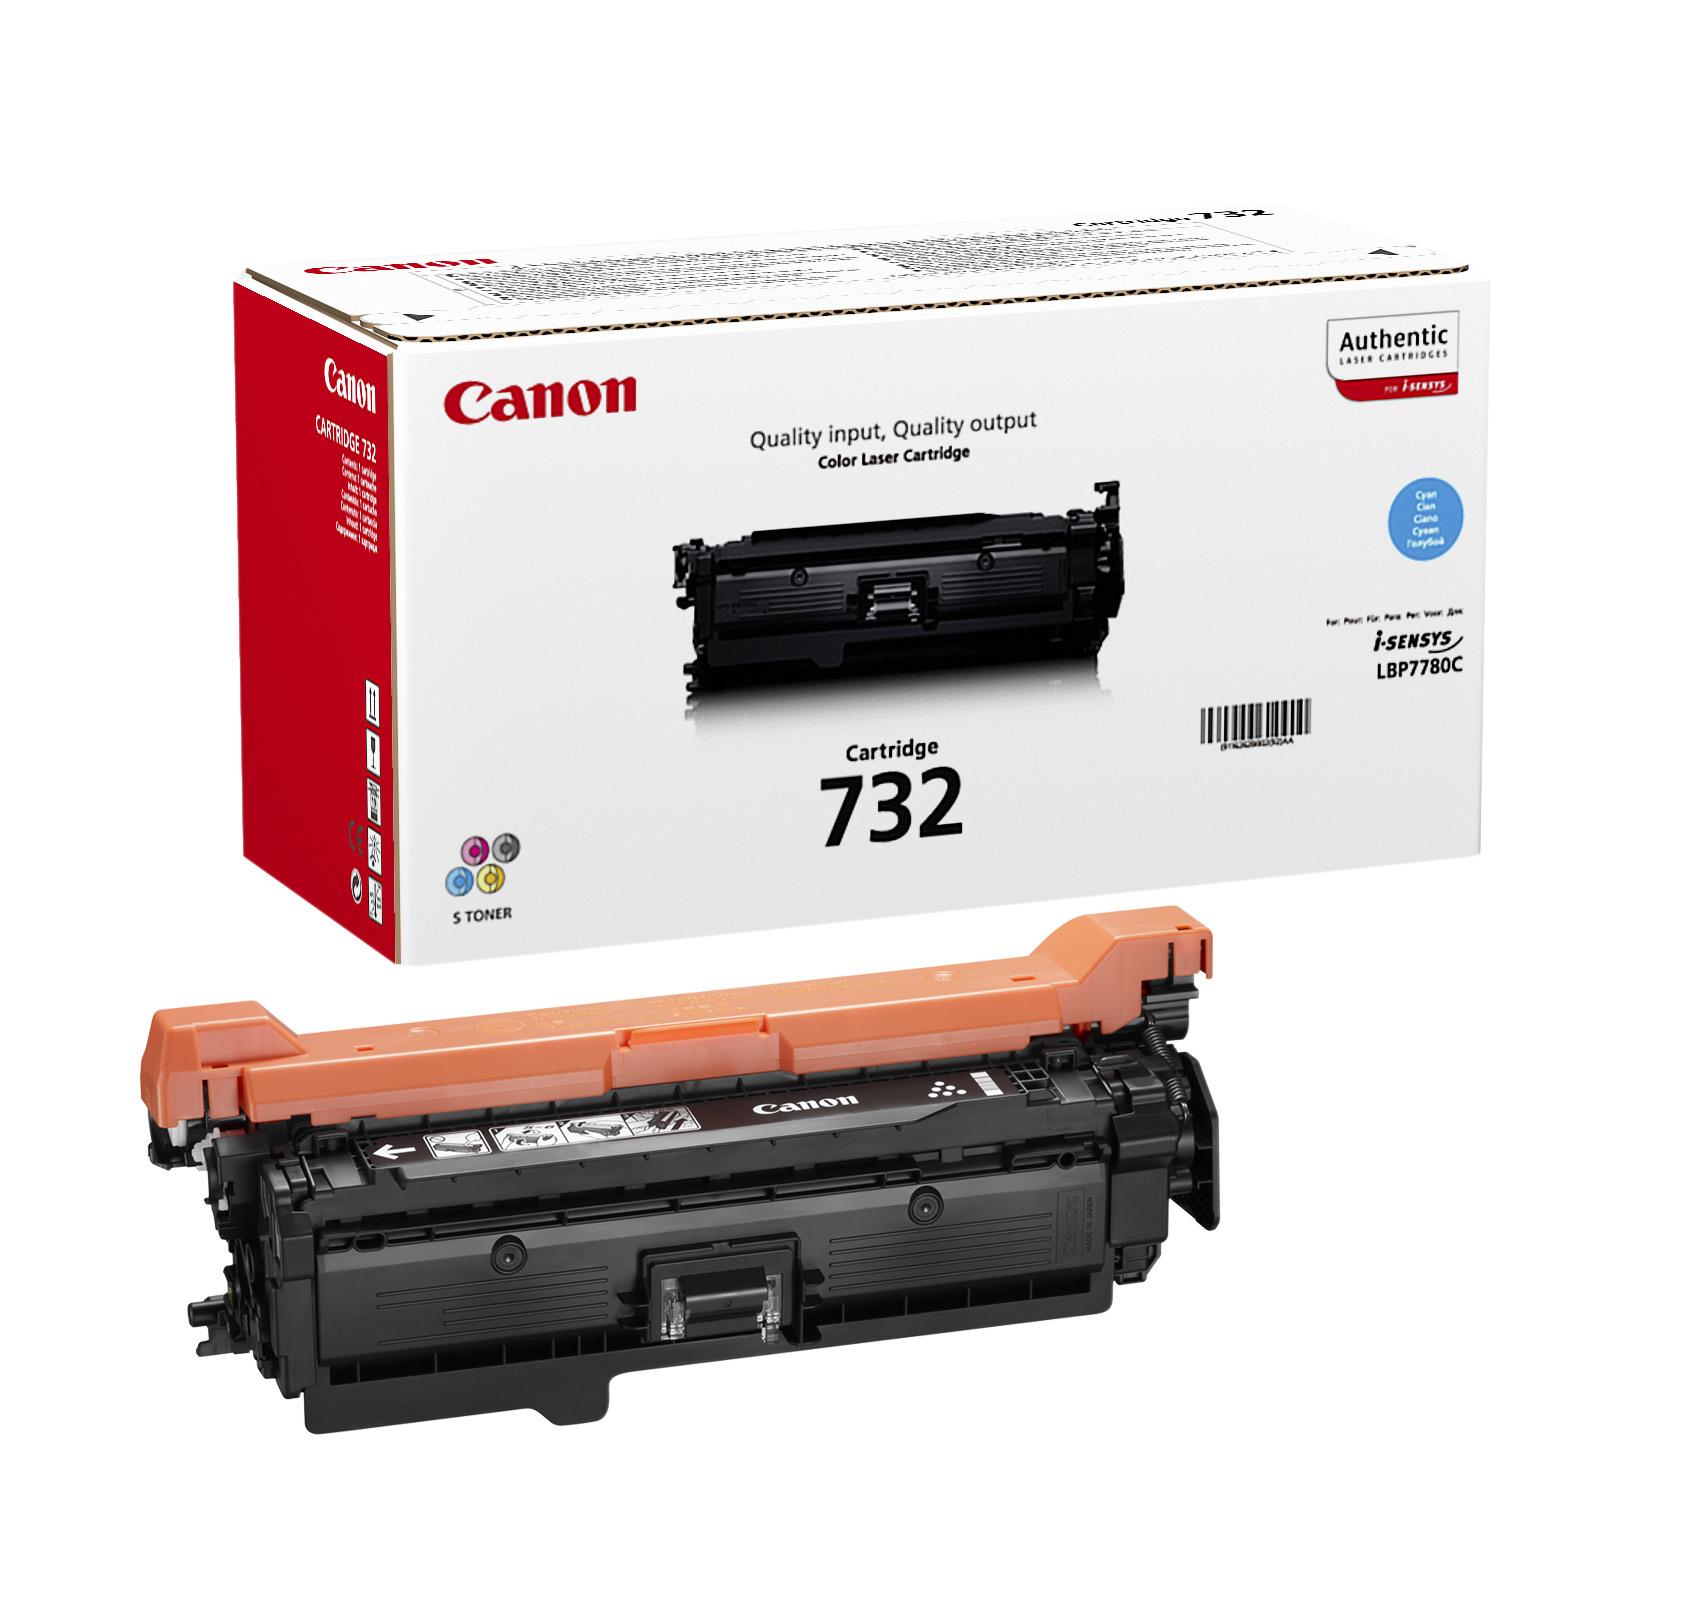 Картридж Canon 732C для принтеров LBP7780Cx. Голубой. 6400 страниц. картридж canon 732c голубой [6262b002]